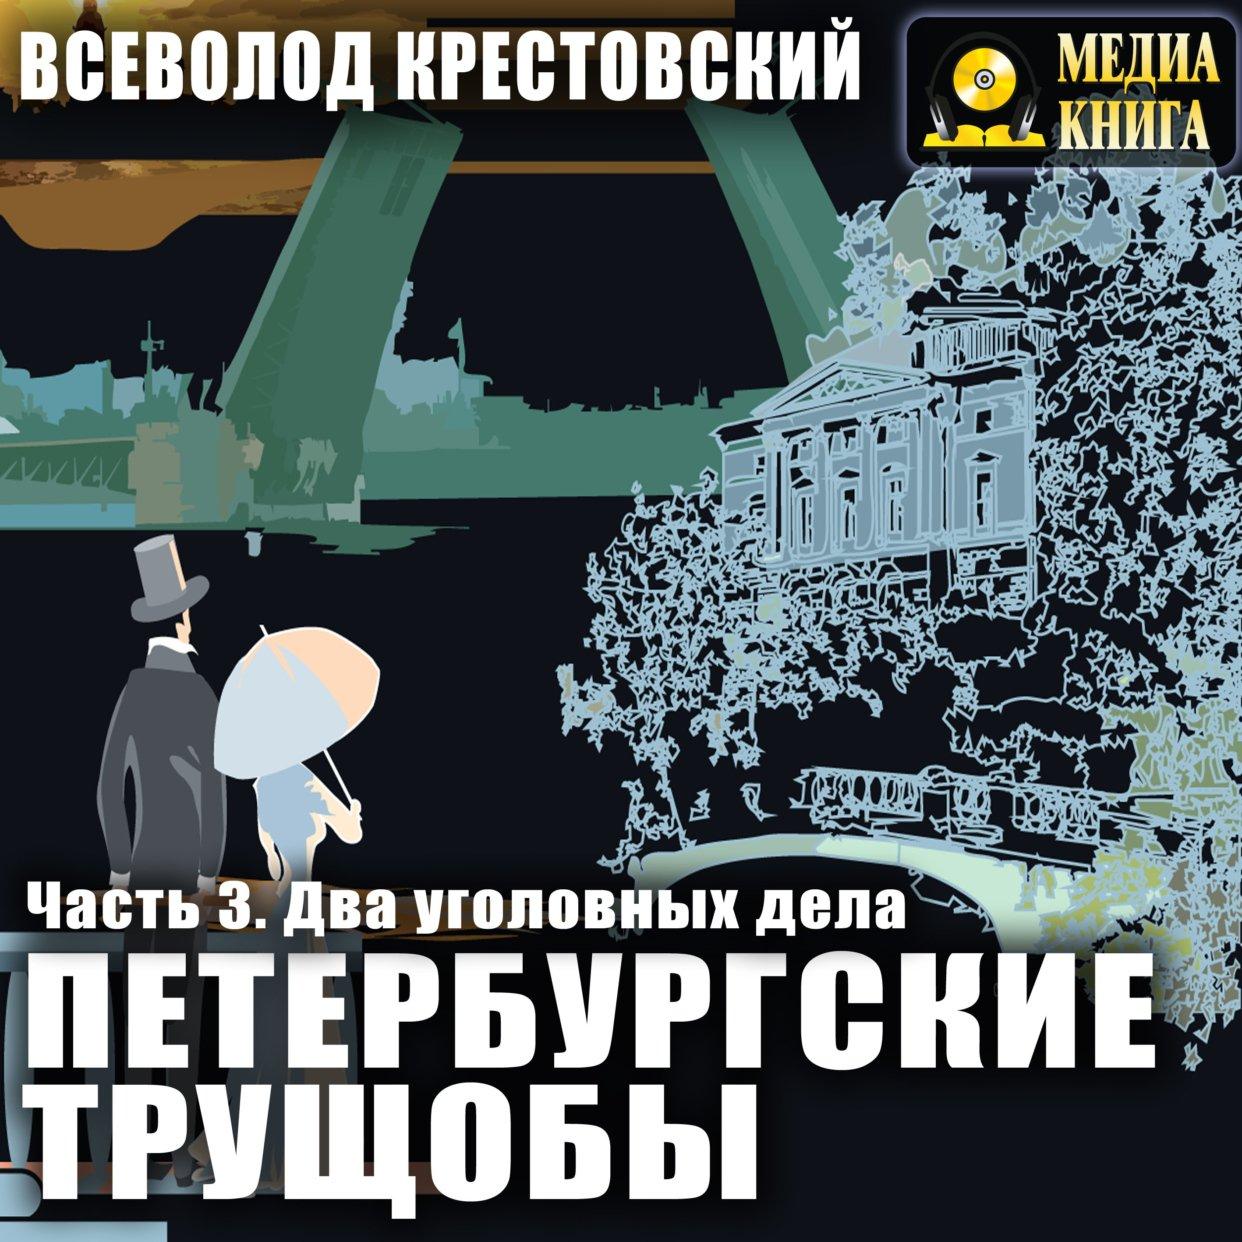 Петербургские трущобы. Два уголовных дела